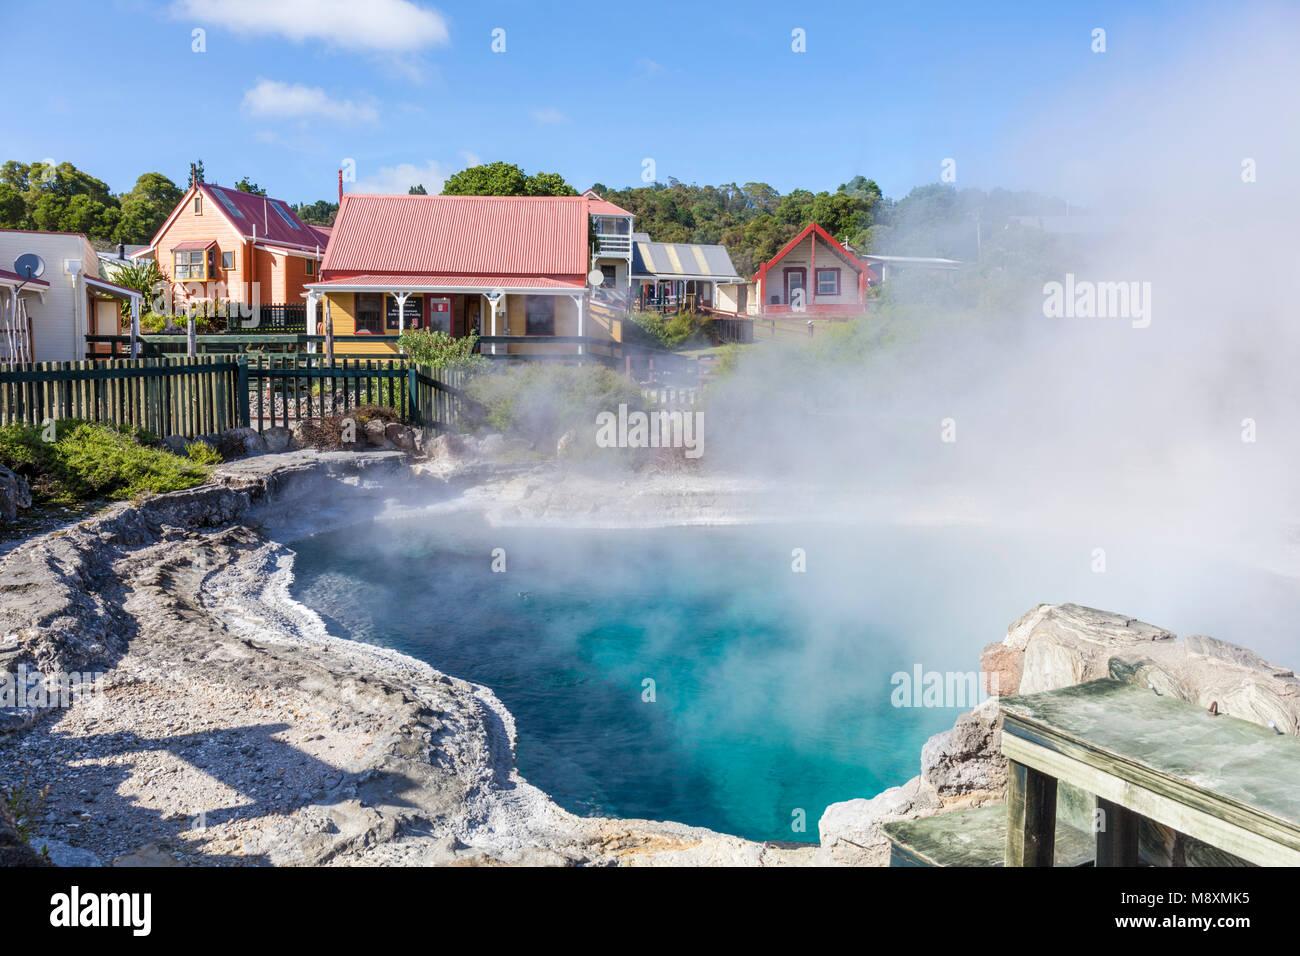 new zealand rotorua new zealand whakarewarewa rotorua Parekohuru thermal pool or murderous ripples hot pool rotorua - Stock Image